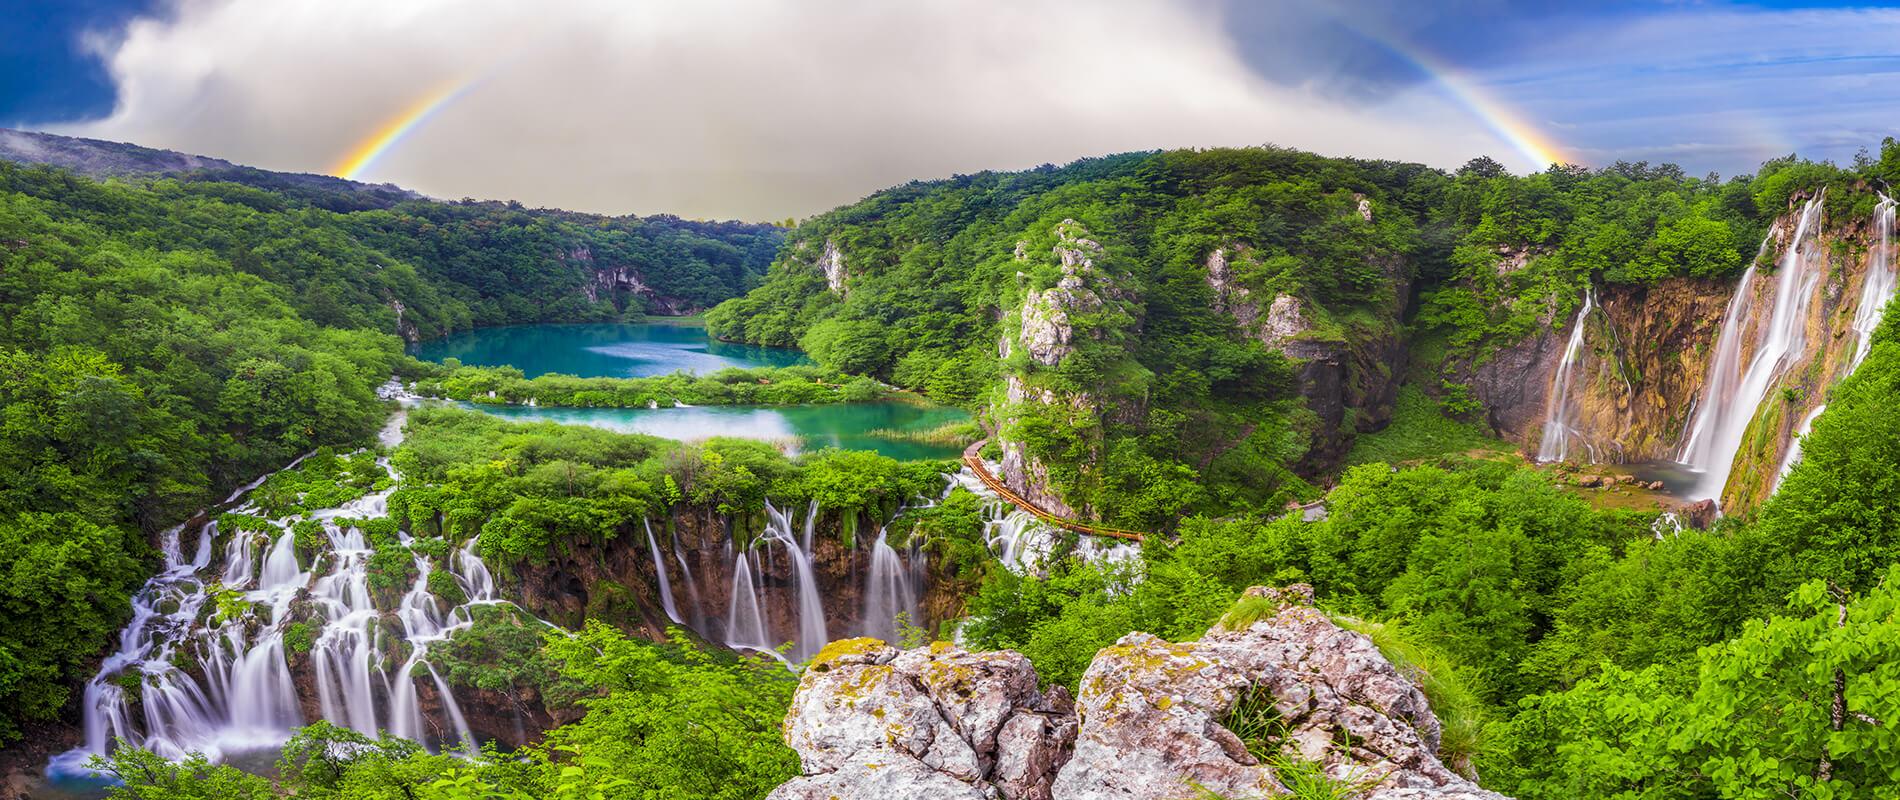 Parco nazionale dei laghi di Plitvice, paradiso naturalistico della Croazia